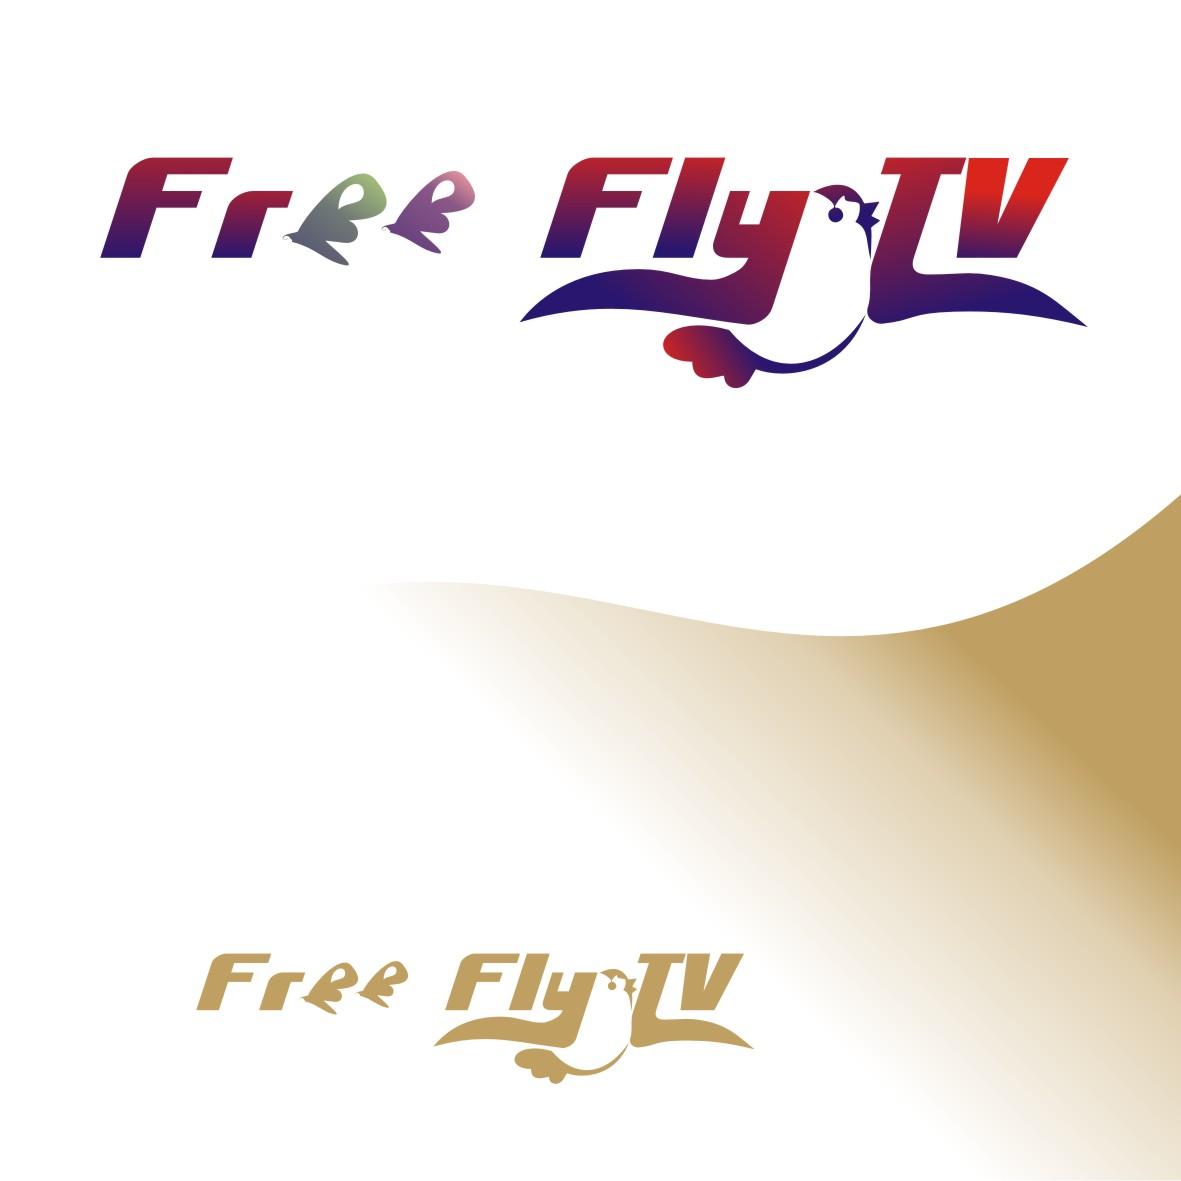 Логотип для общественного интернет-телевидения FreeFly фото f_4f97c54119dc3.jpg